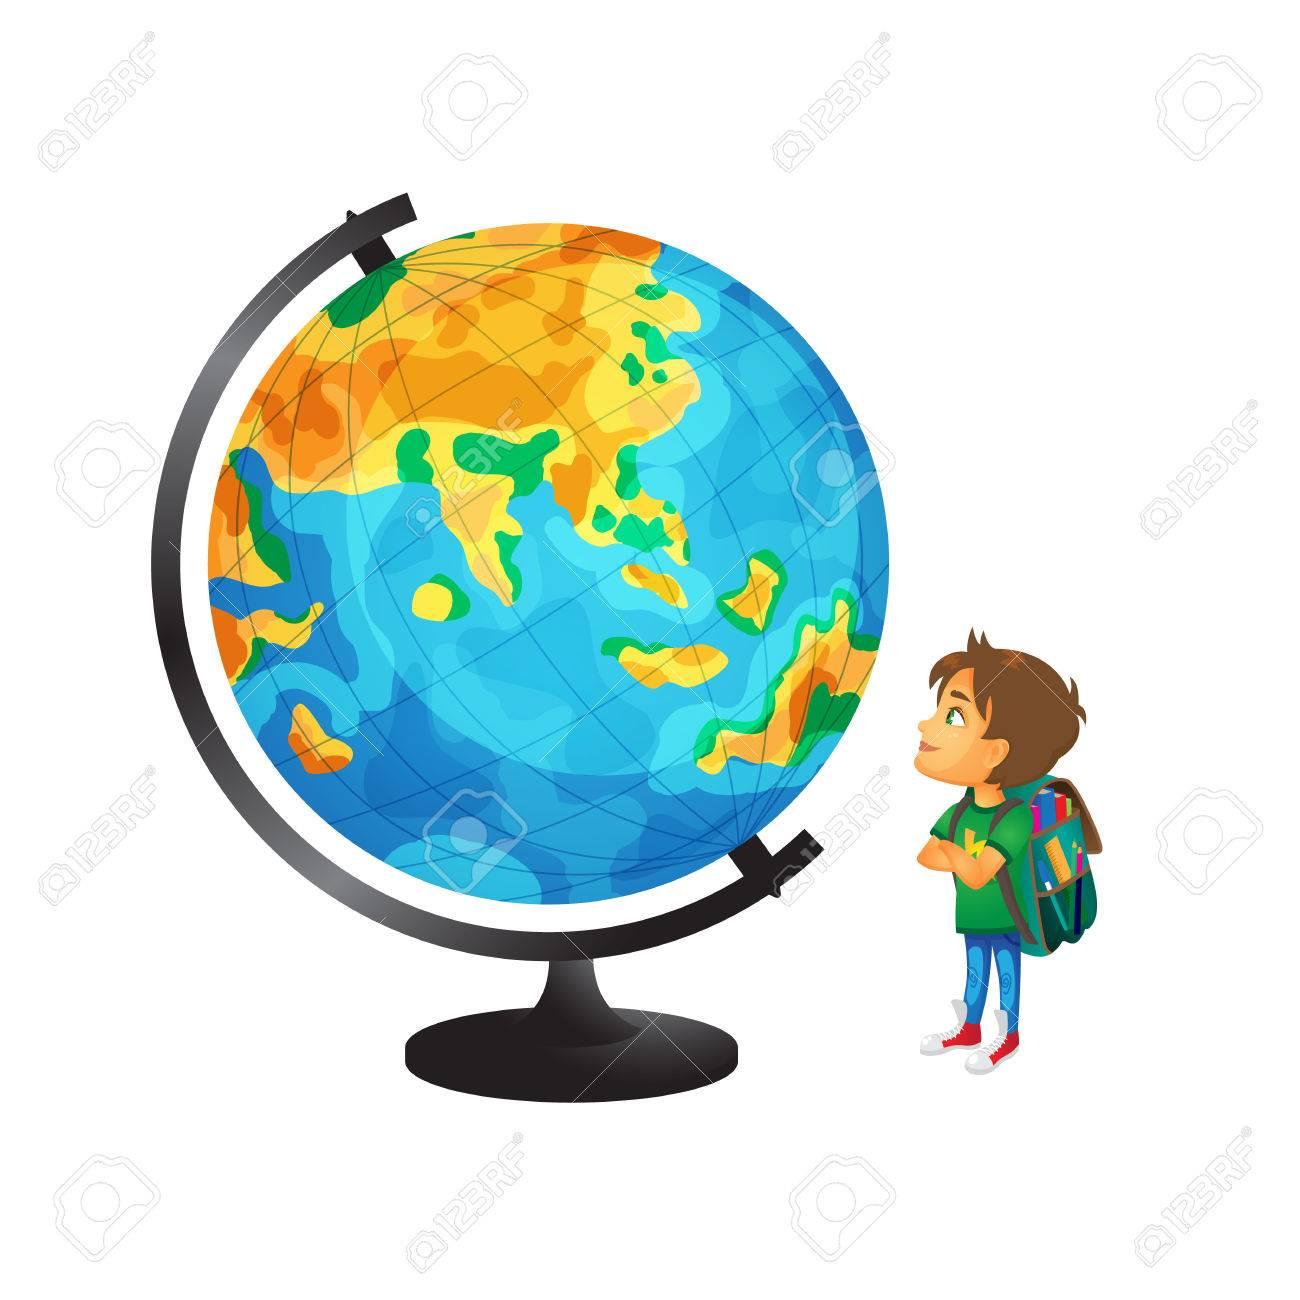 Vecteur De Dessin Animé Petit Garçon, écolier Portant Cartable Regardant  Grand Globe étudie La Géographie. Illustration De Plat Isolé Sur Fond  Blanc. Retour Au Concept De L'école Clip Art Libres De Droits ,